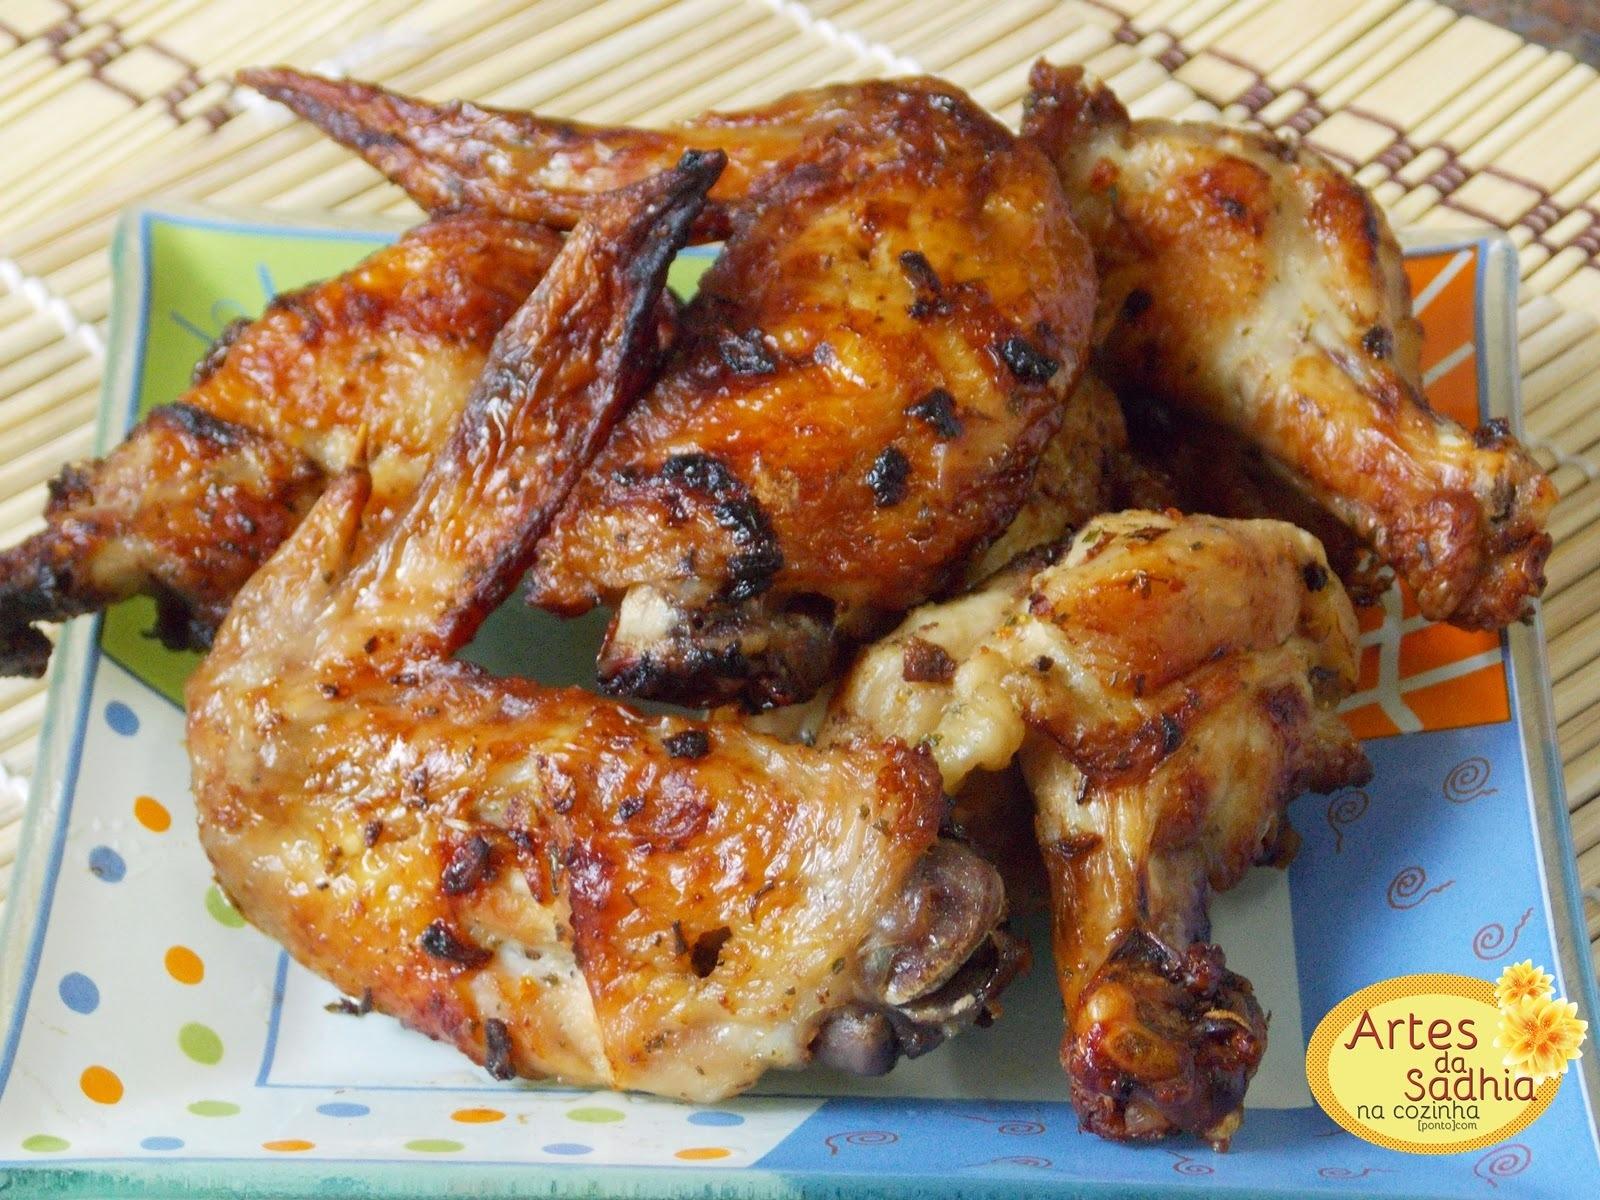 de asa de frango crocante